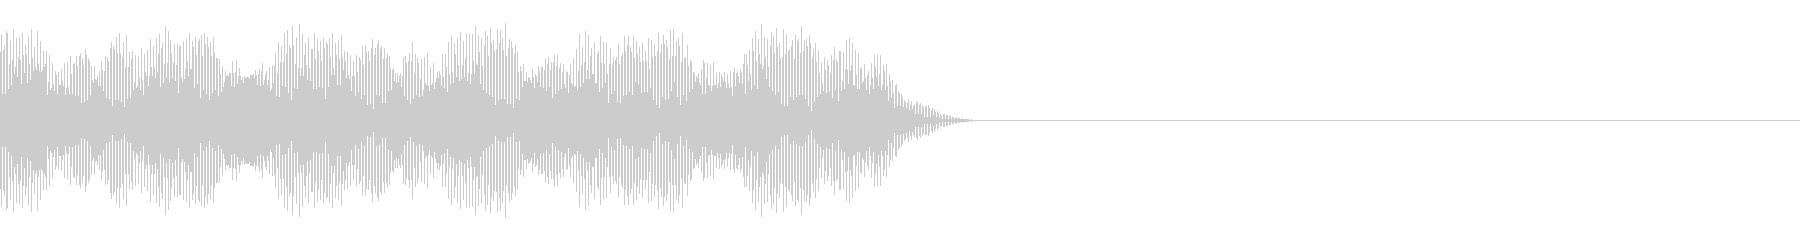 プルルルルル_電子画面に文字を表示_01の未再生の波形